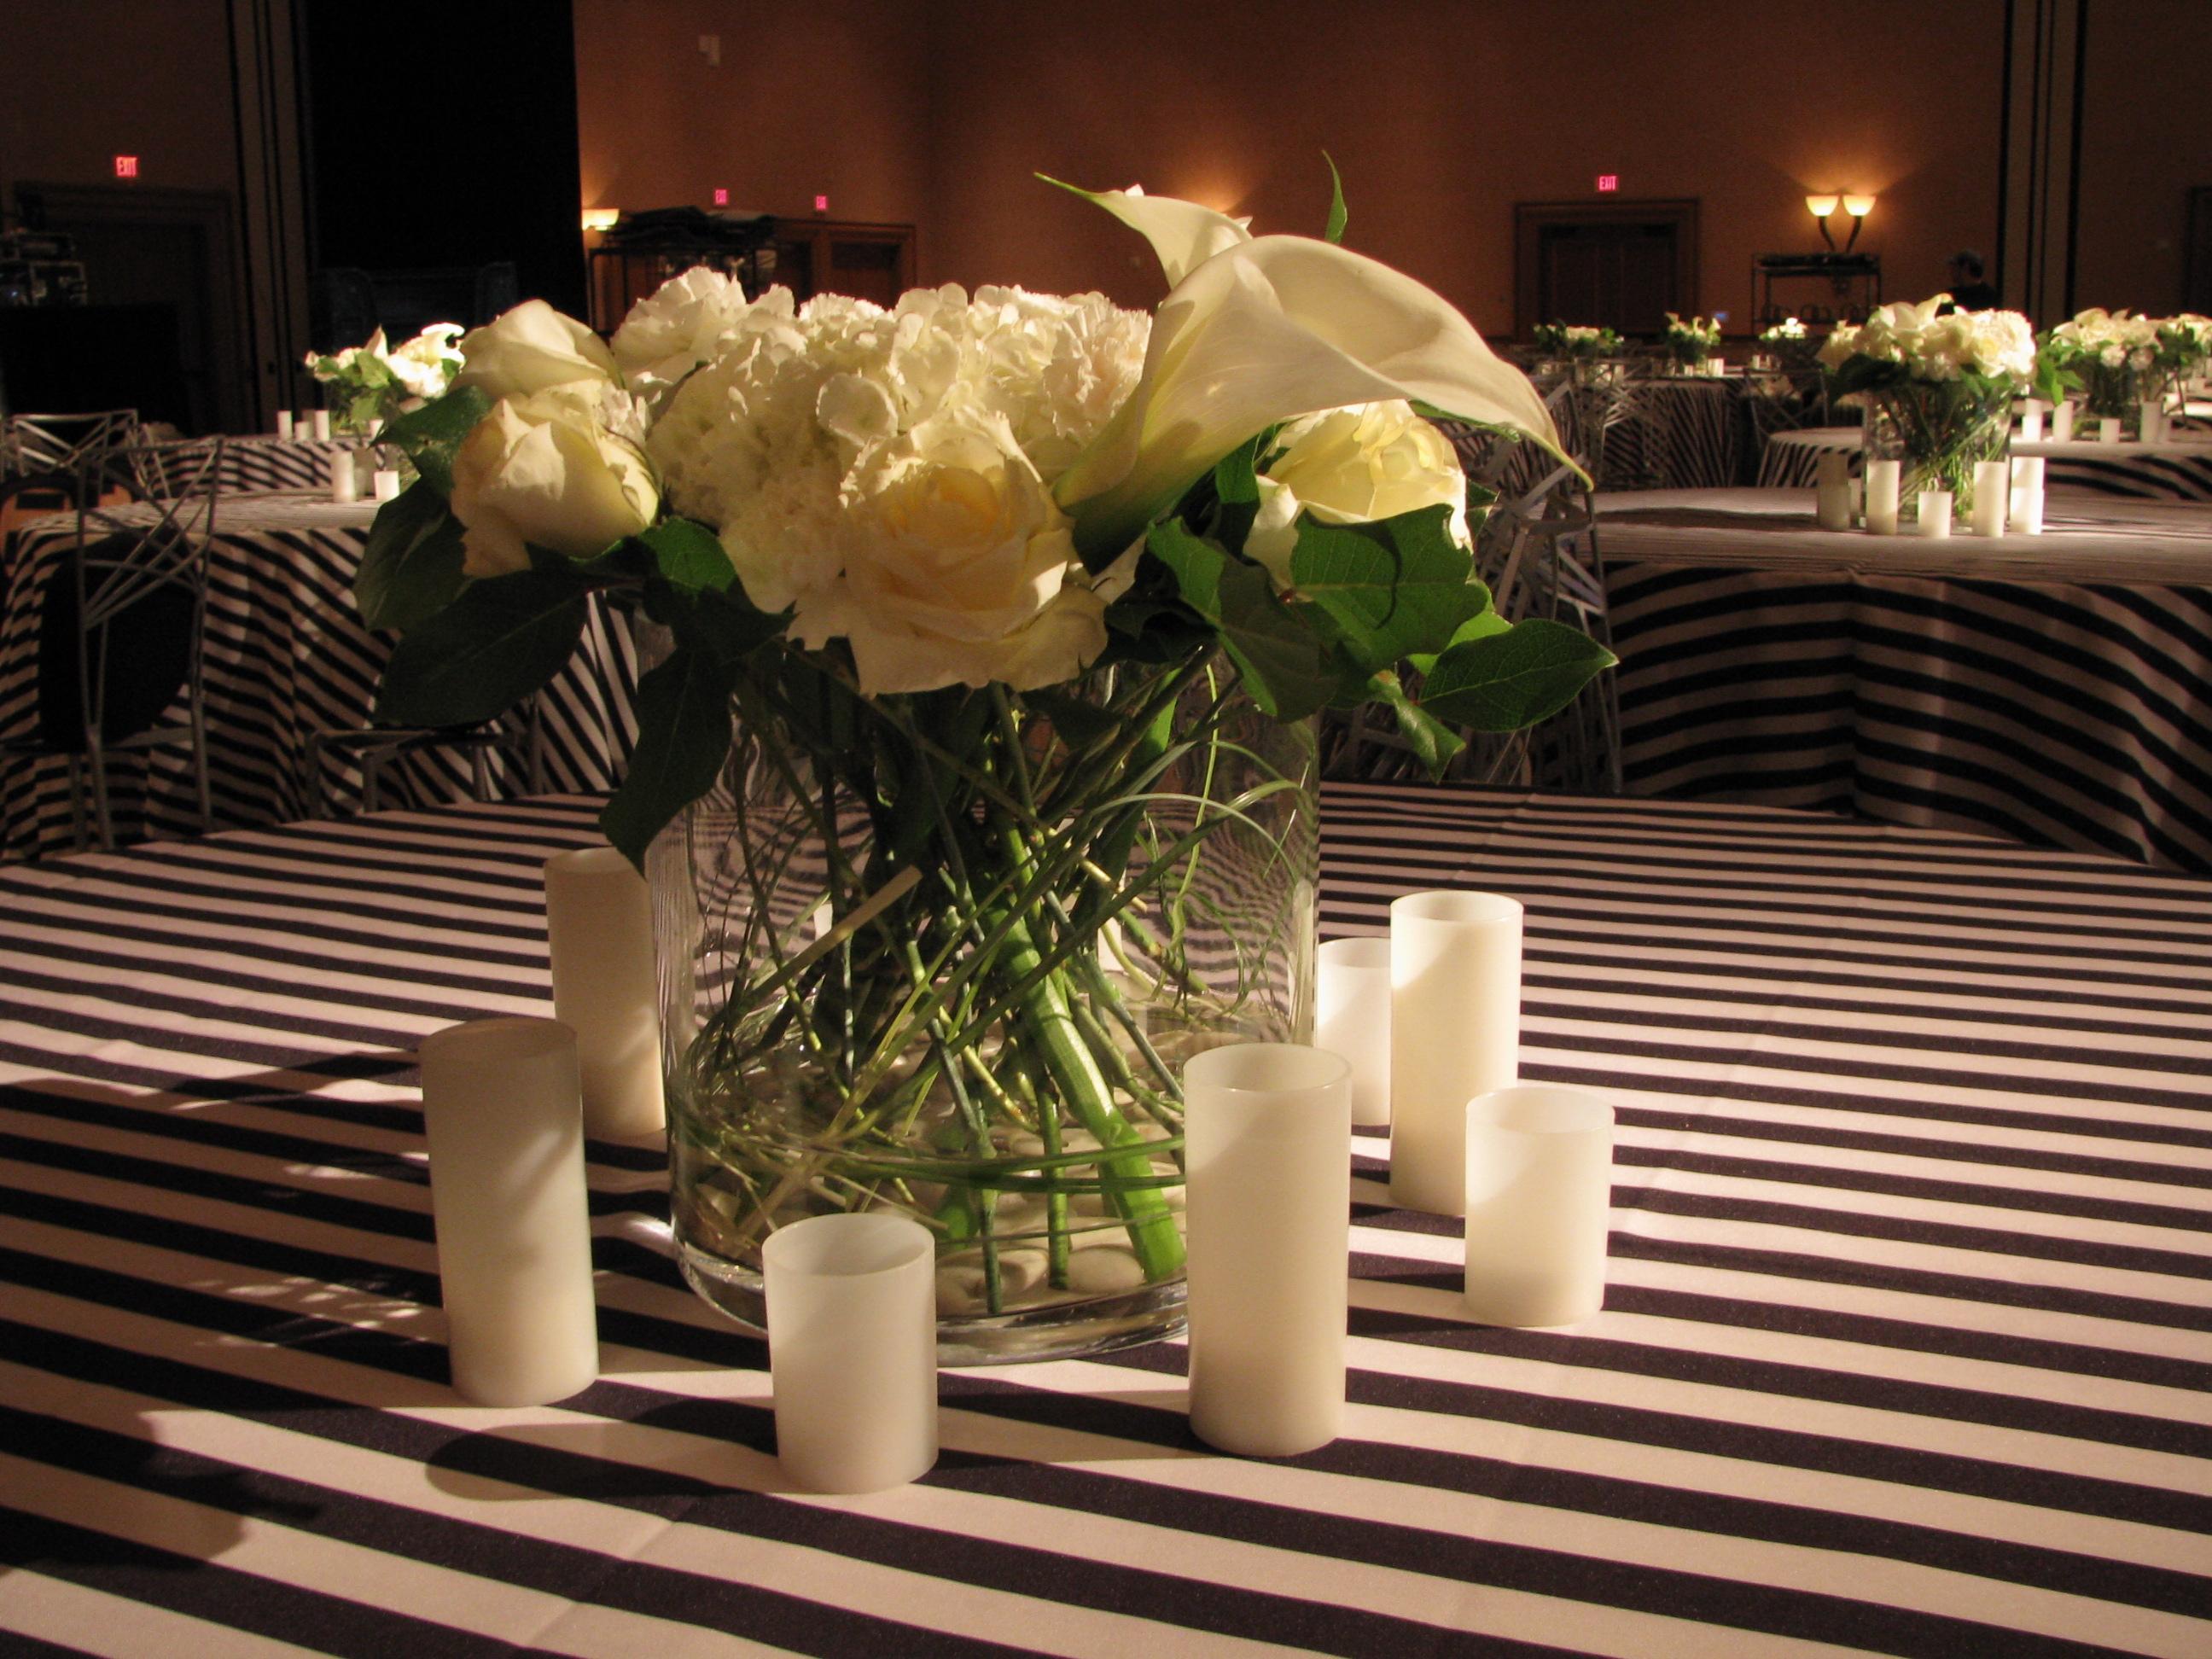 Wondrous Flowerslasvegasanoctopussgarden Com Interior Design Ideas Helimdqseriescom